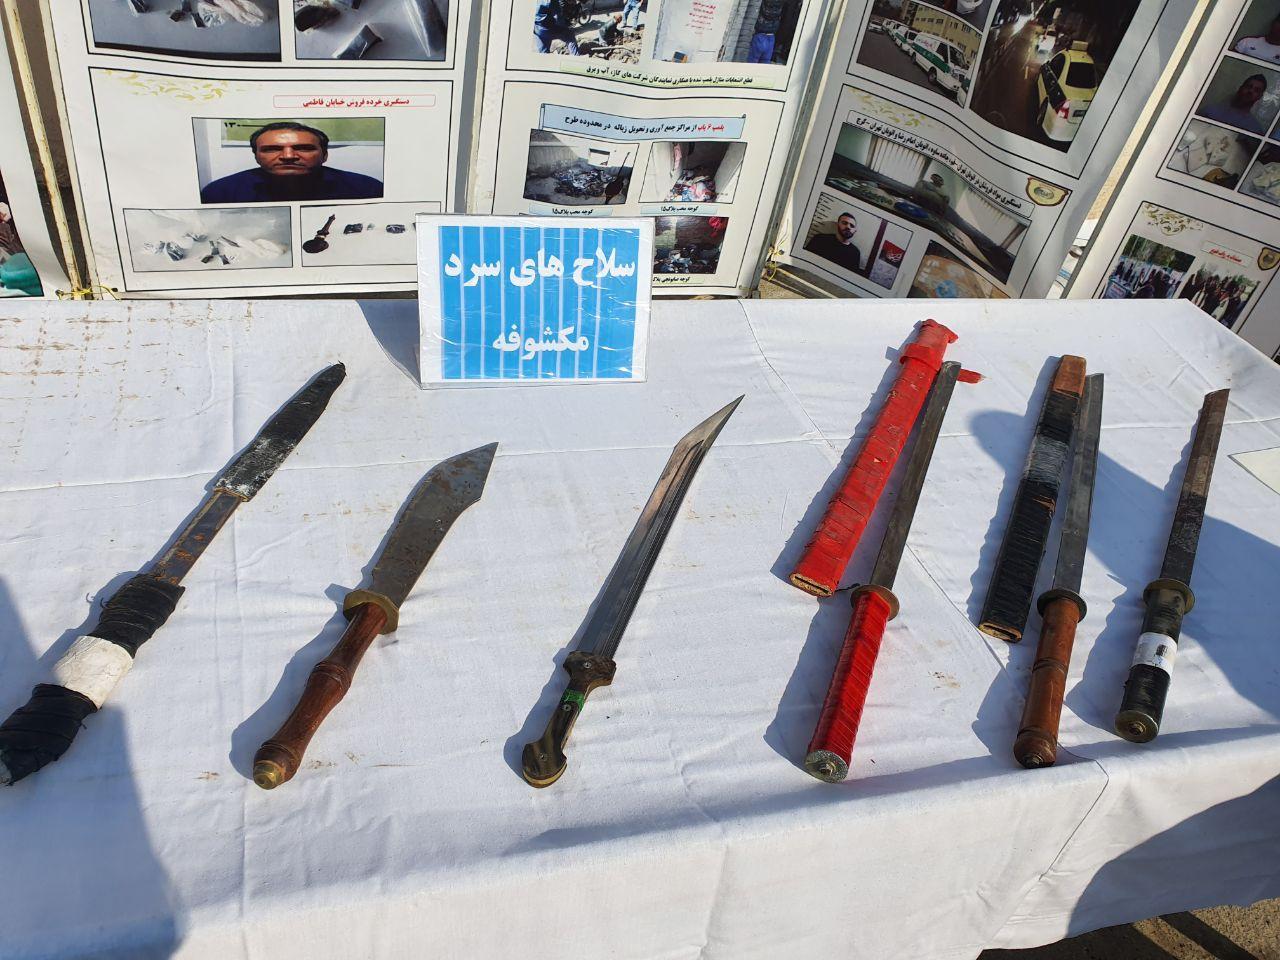 کشف یک تن موادمخدر از ۷ باند قاچاقچی/ پلمب ۱۰ خانه در پایتخت